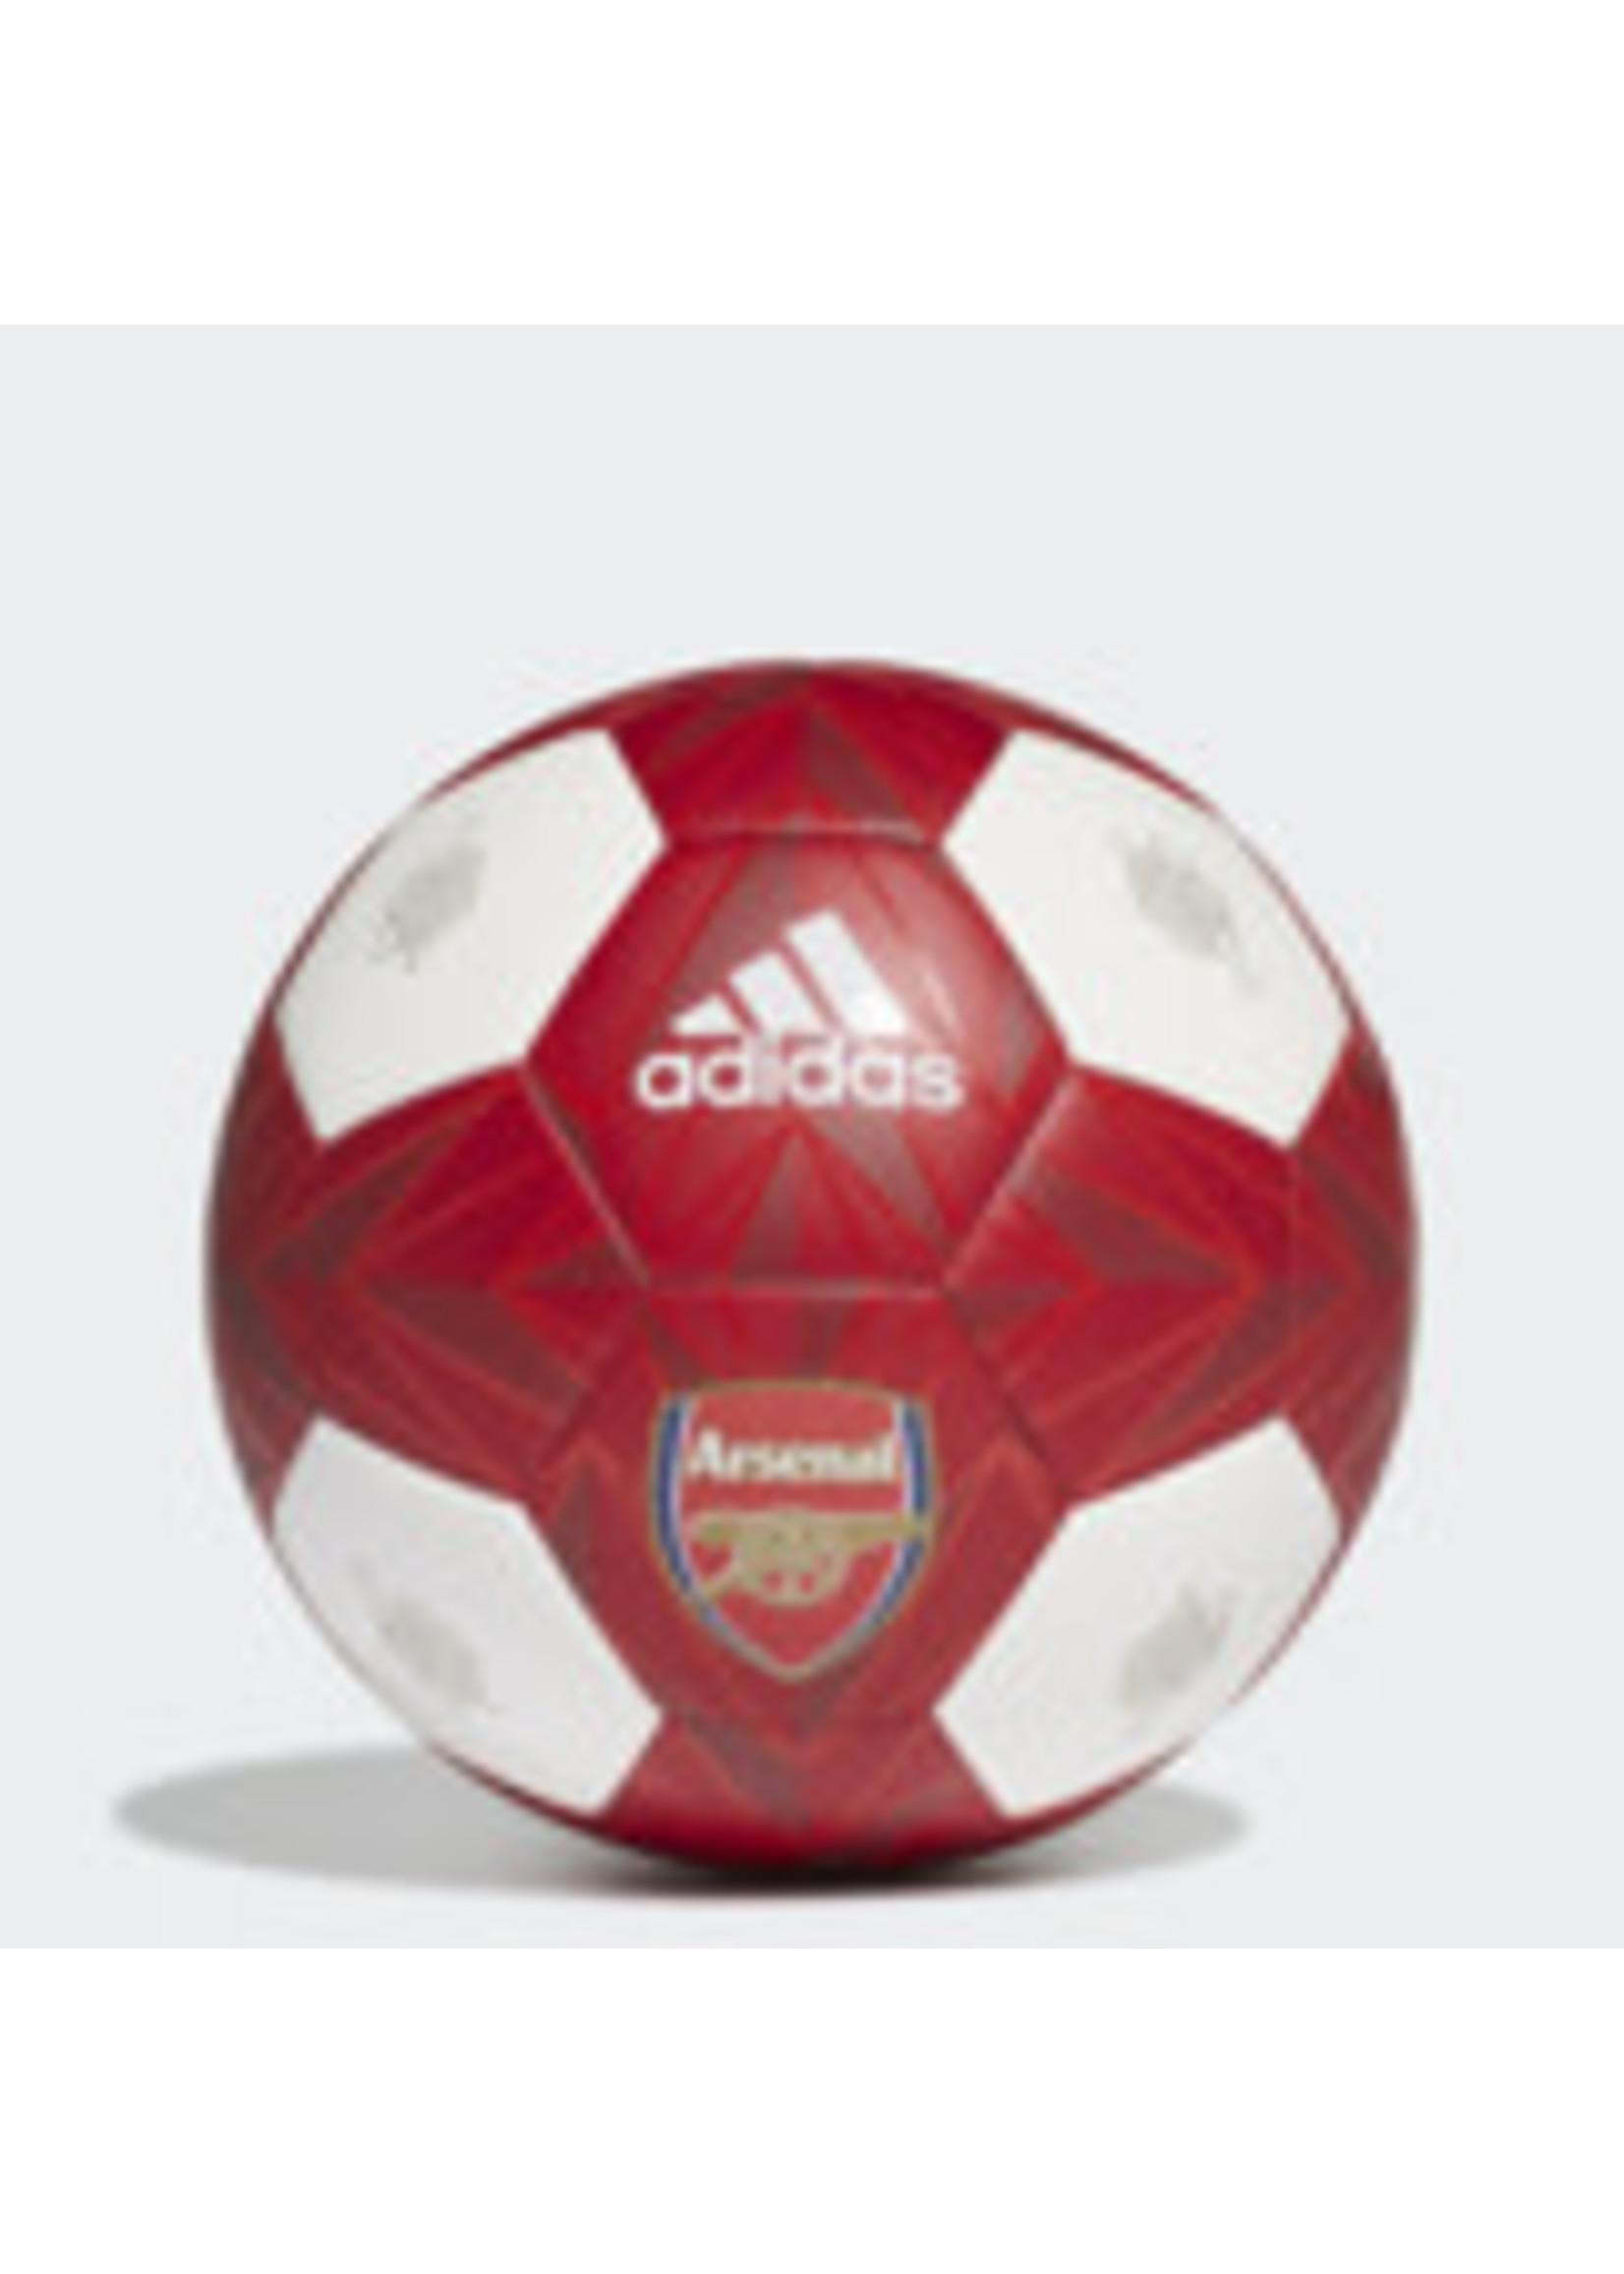 Adidas Arsenal FC Club Ball